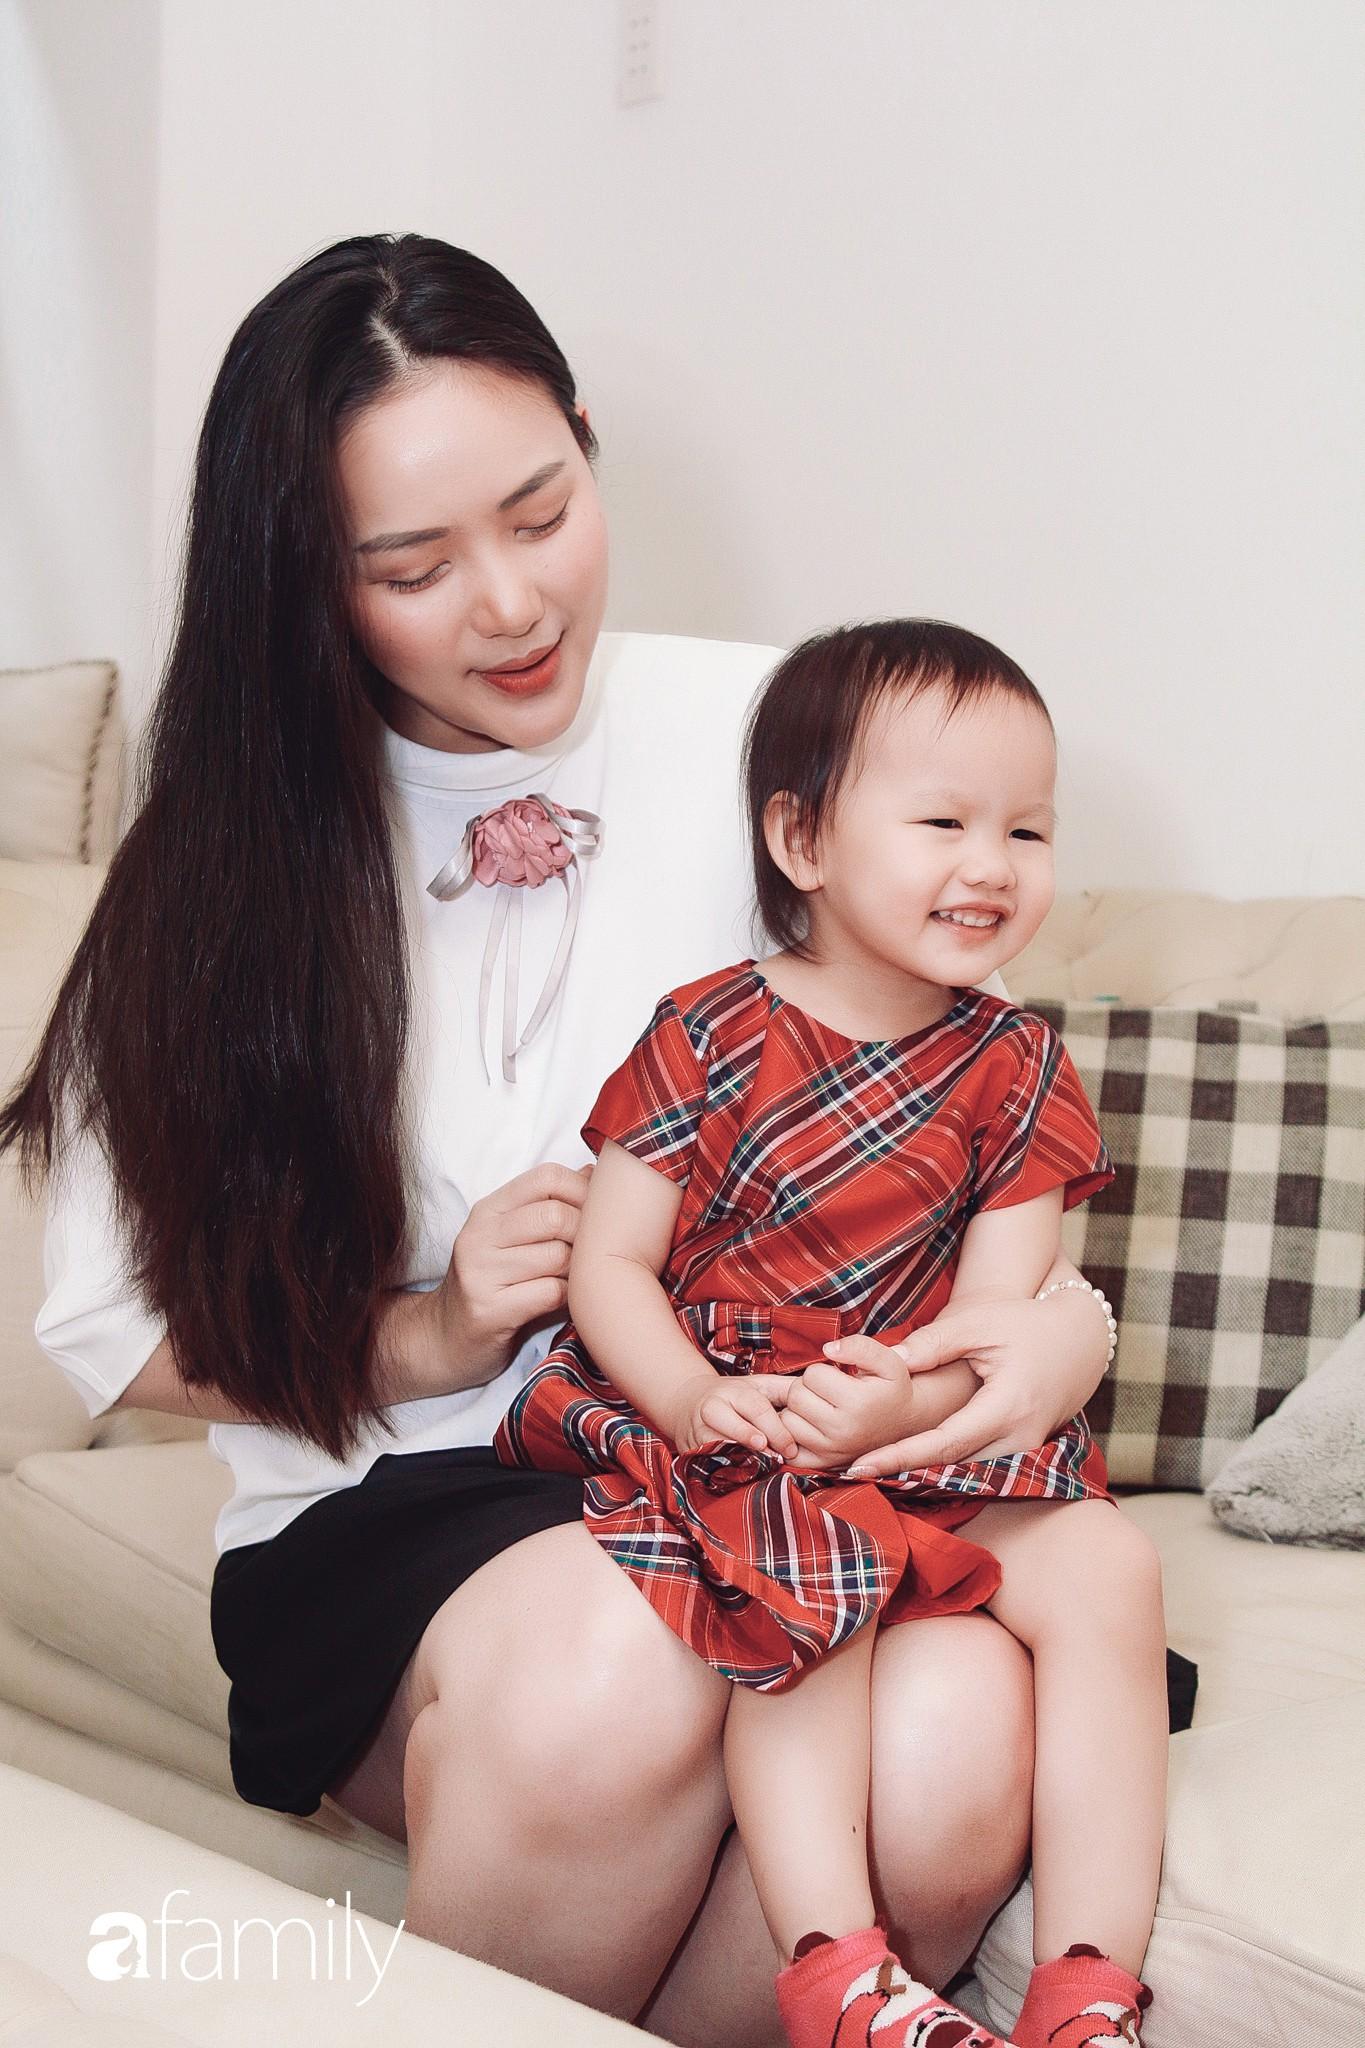 Phan Như Thảo kể chuyện lấy chồng đại gia: Tôi mập thế này nhưng chồng vẫn lựa đồ size XS, hở hang nhất cho vợ-13